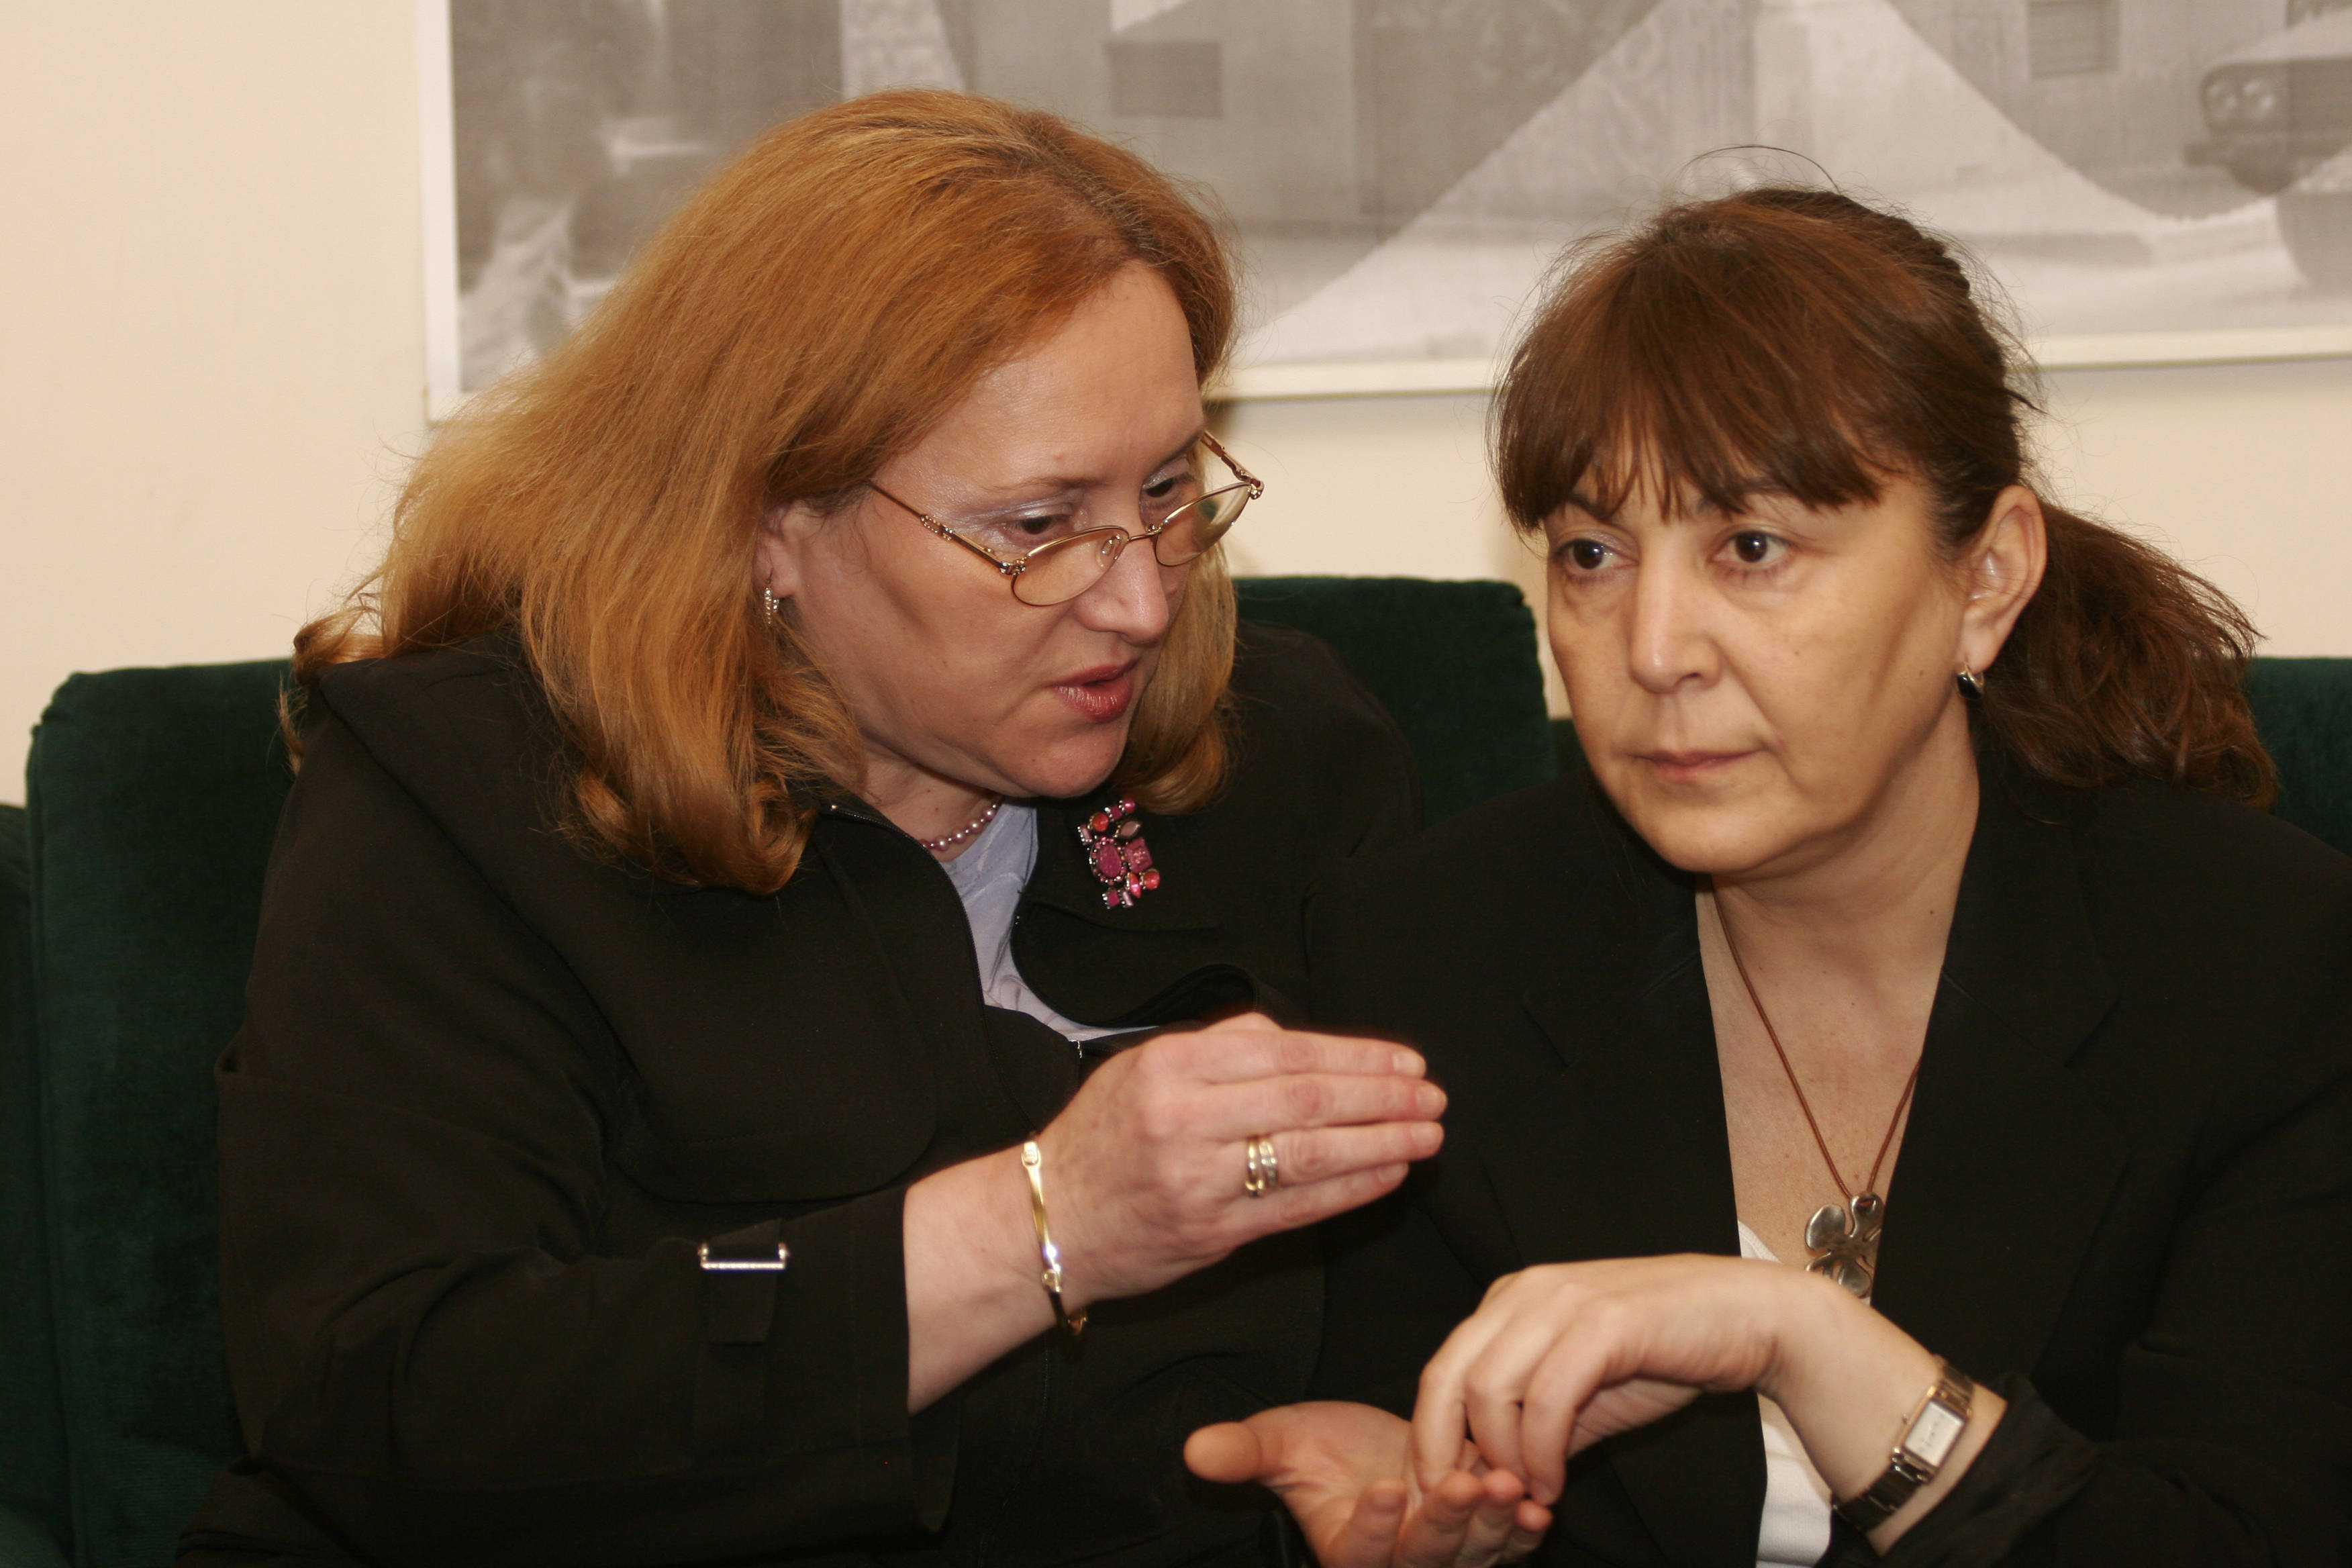 MONICA MACOVEI, CORINA CRETU si RENATE WEBER fac parte din grupul LBGT din Parlamentul European, sprijinind voluntar si oficial homosexualii. MACOVEI: <i><b>&#8220;Acum, in România ramane de realizat si legiferarea uniunilor intre persoanele de acelasi sex&#8221;</b></i>